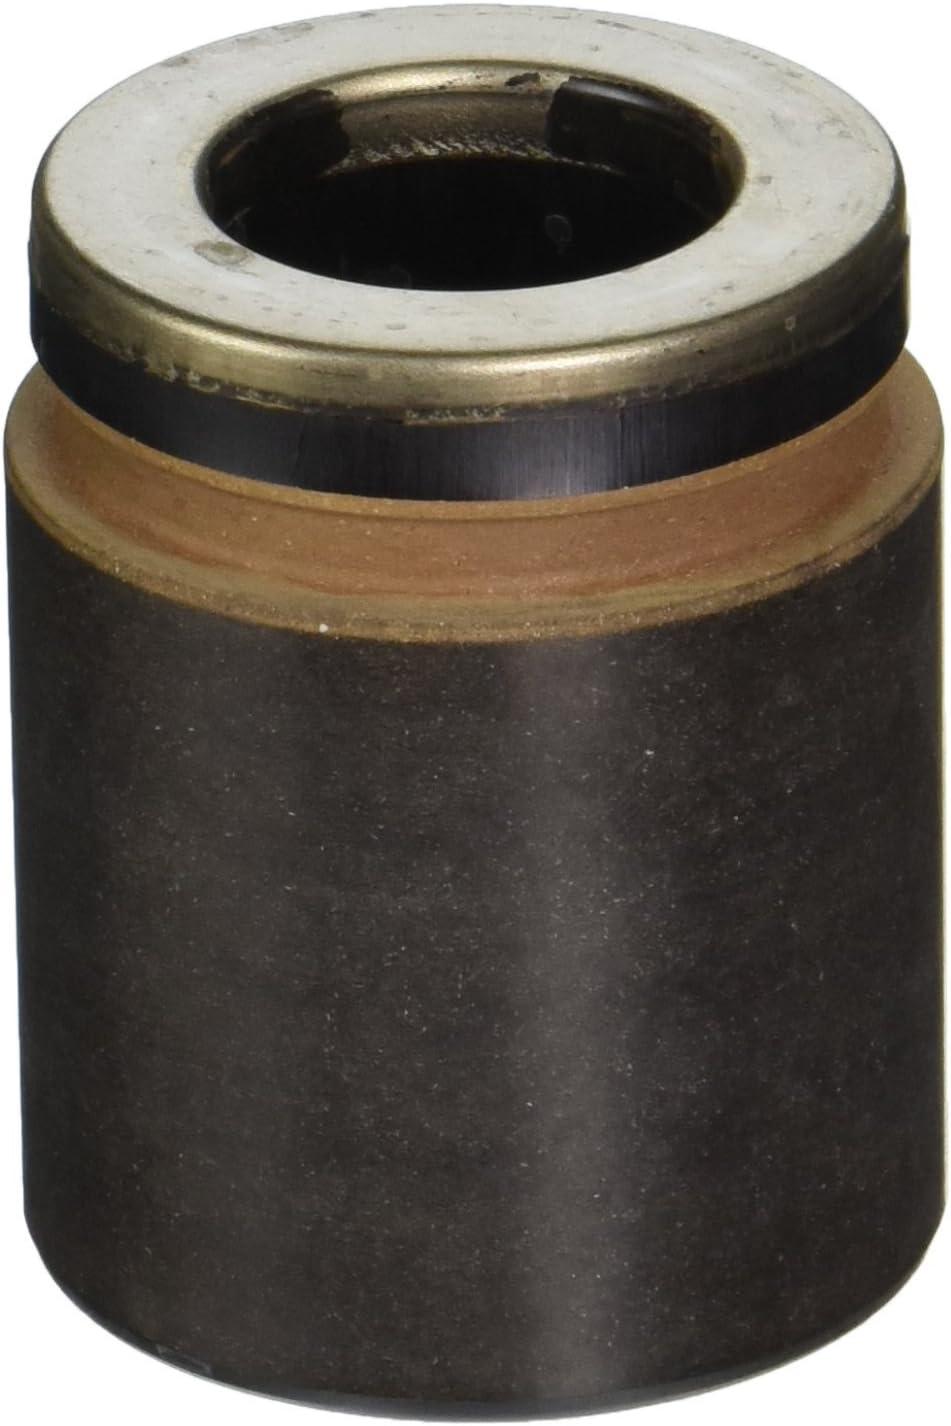 Centric 145.48003 Los Angeles Mall 55% OFF Brake Piston Caliper